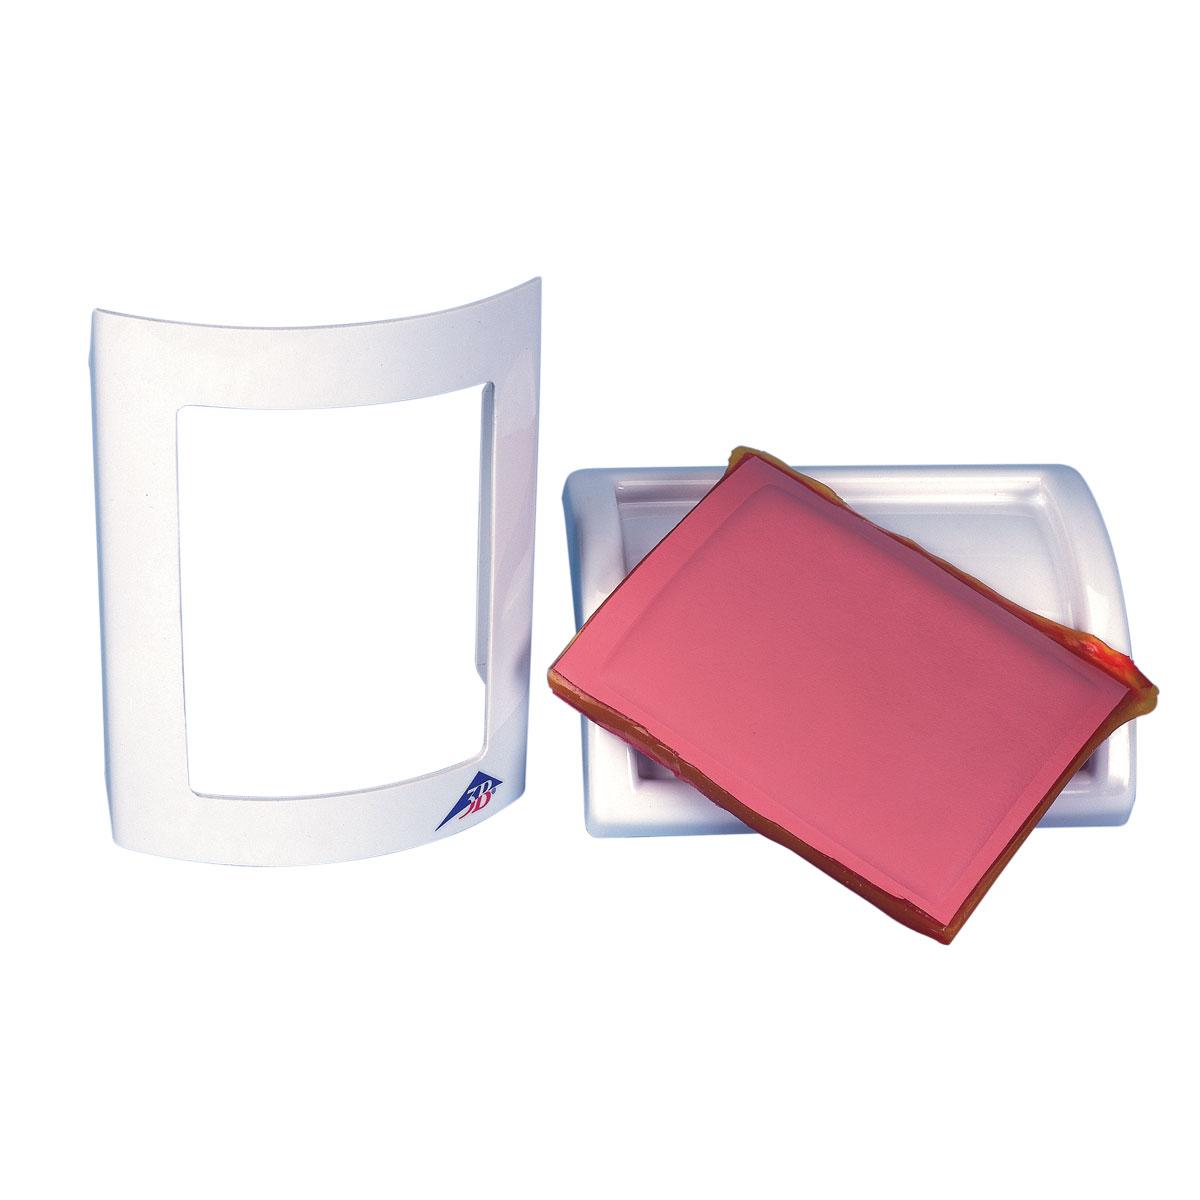 simulateur pour sutures de la peau 1005134 w19311 ssp005 sutures et bandages 3b scientific. Black Bedroom Furniture Sets. Home Design Ideas